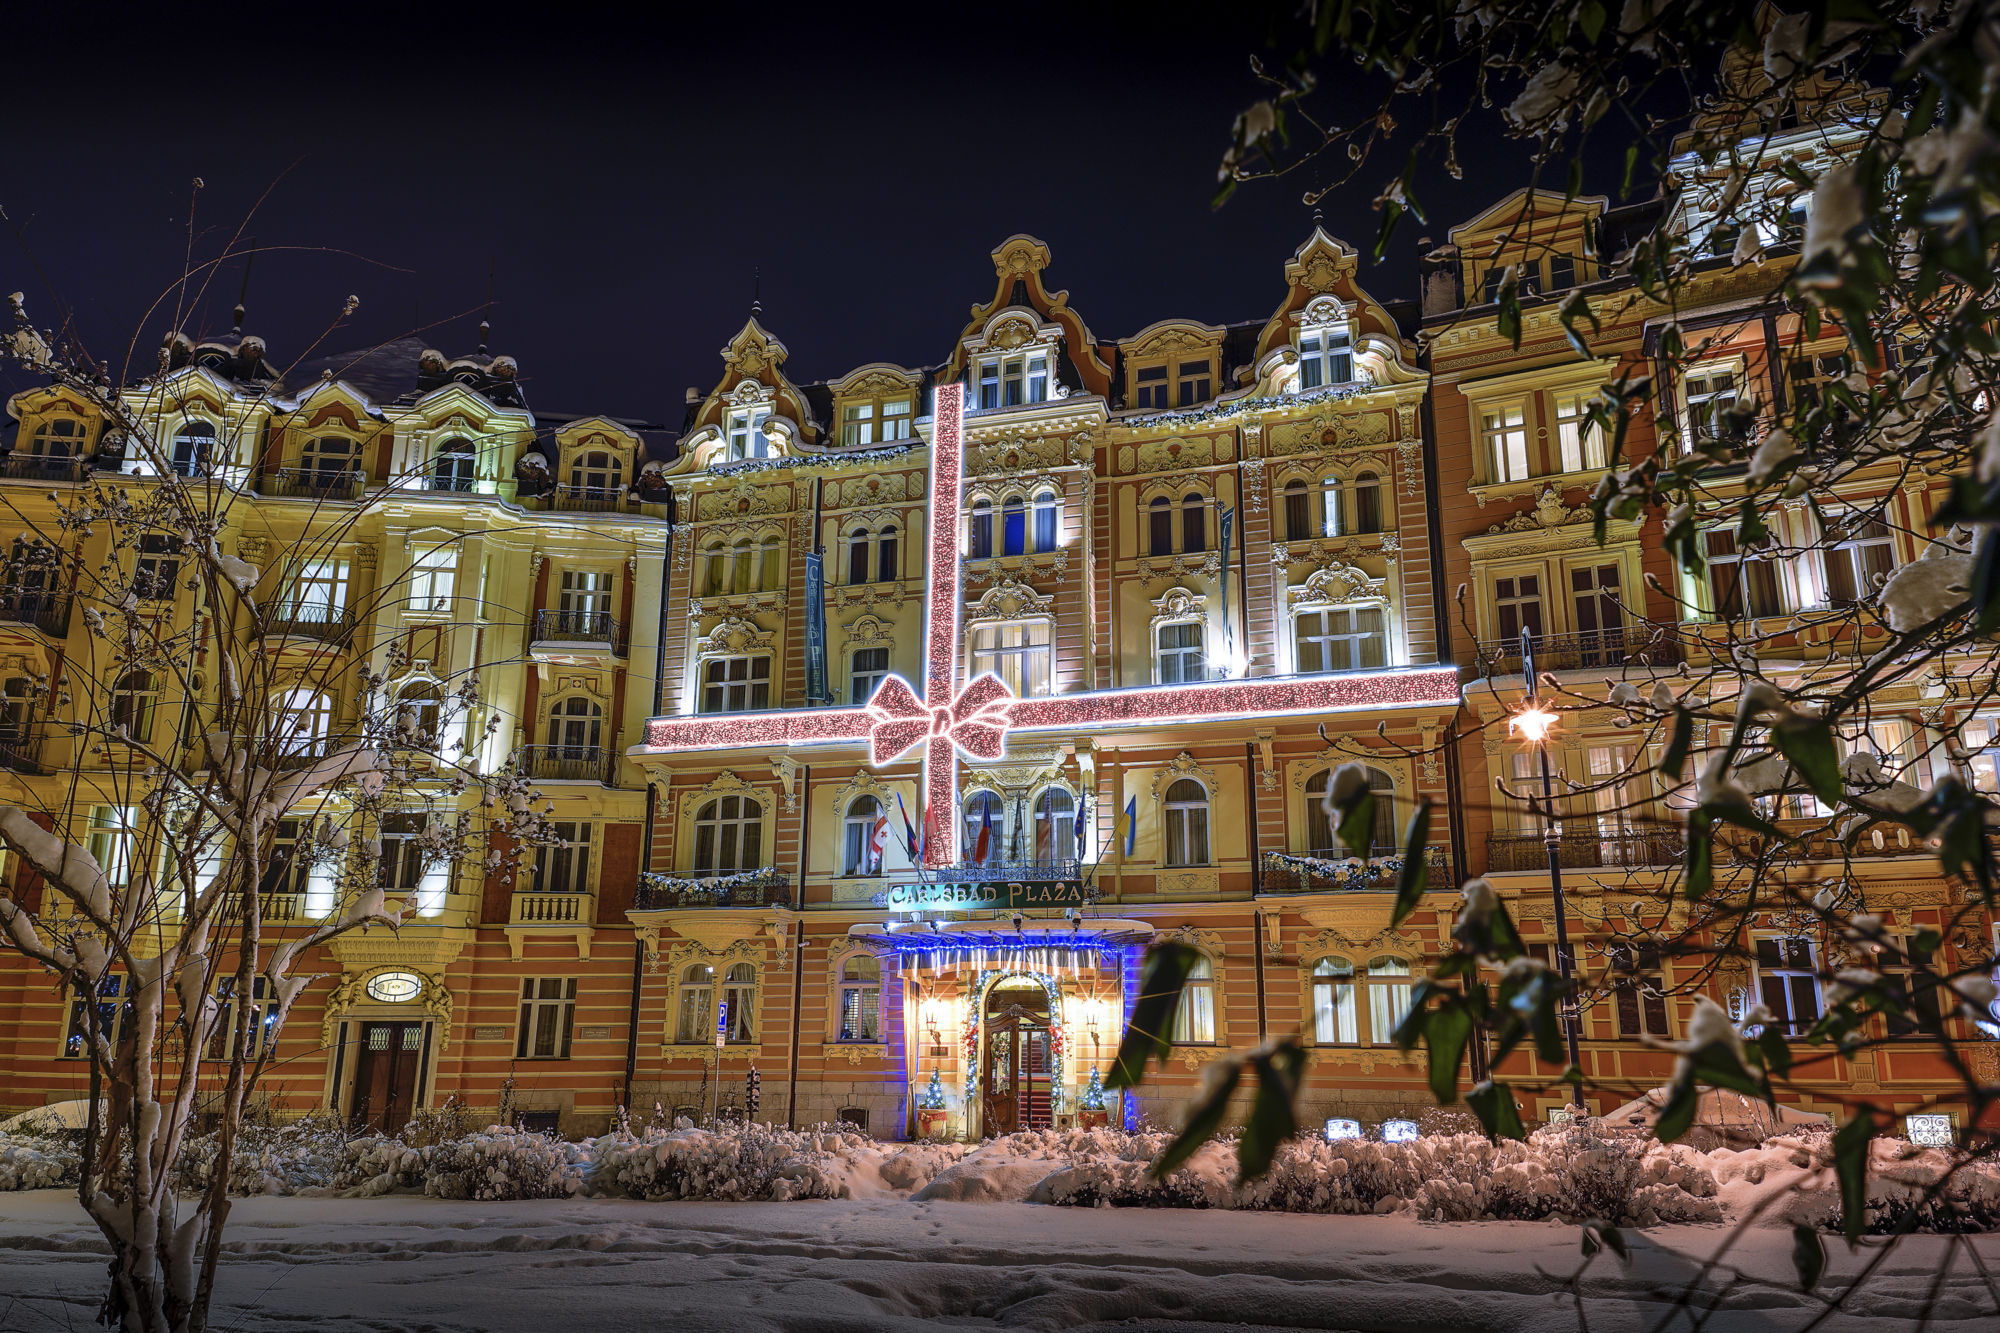 Vánoční výzdoba Carlsbad Plaza Medical Spa & Wellness hotel